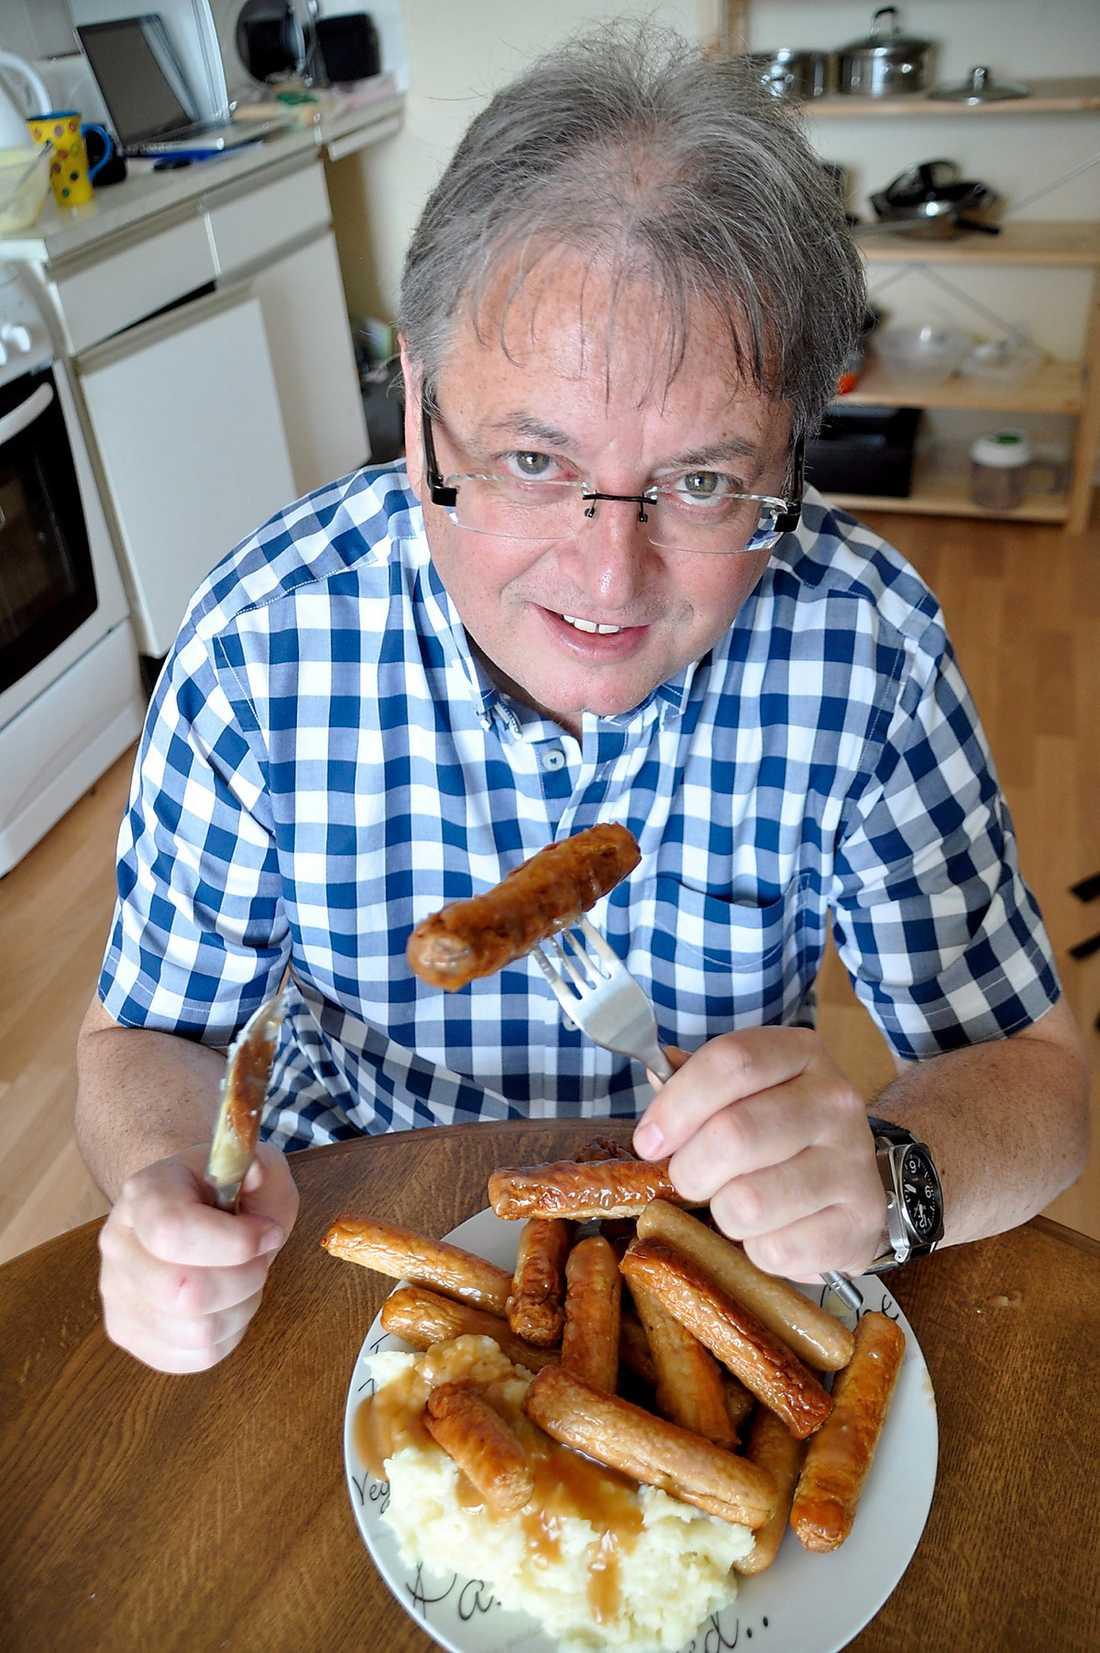 """HAR SÖKT HJÄLP  I 42 år har David Harding ätit minst en korv varje dag. """"Jag kan inte uthärda tanken på att leva utan maträtten""""."""